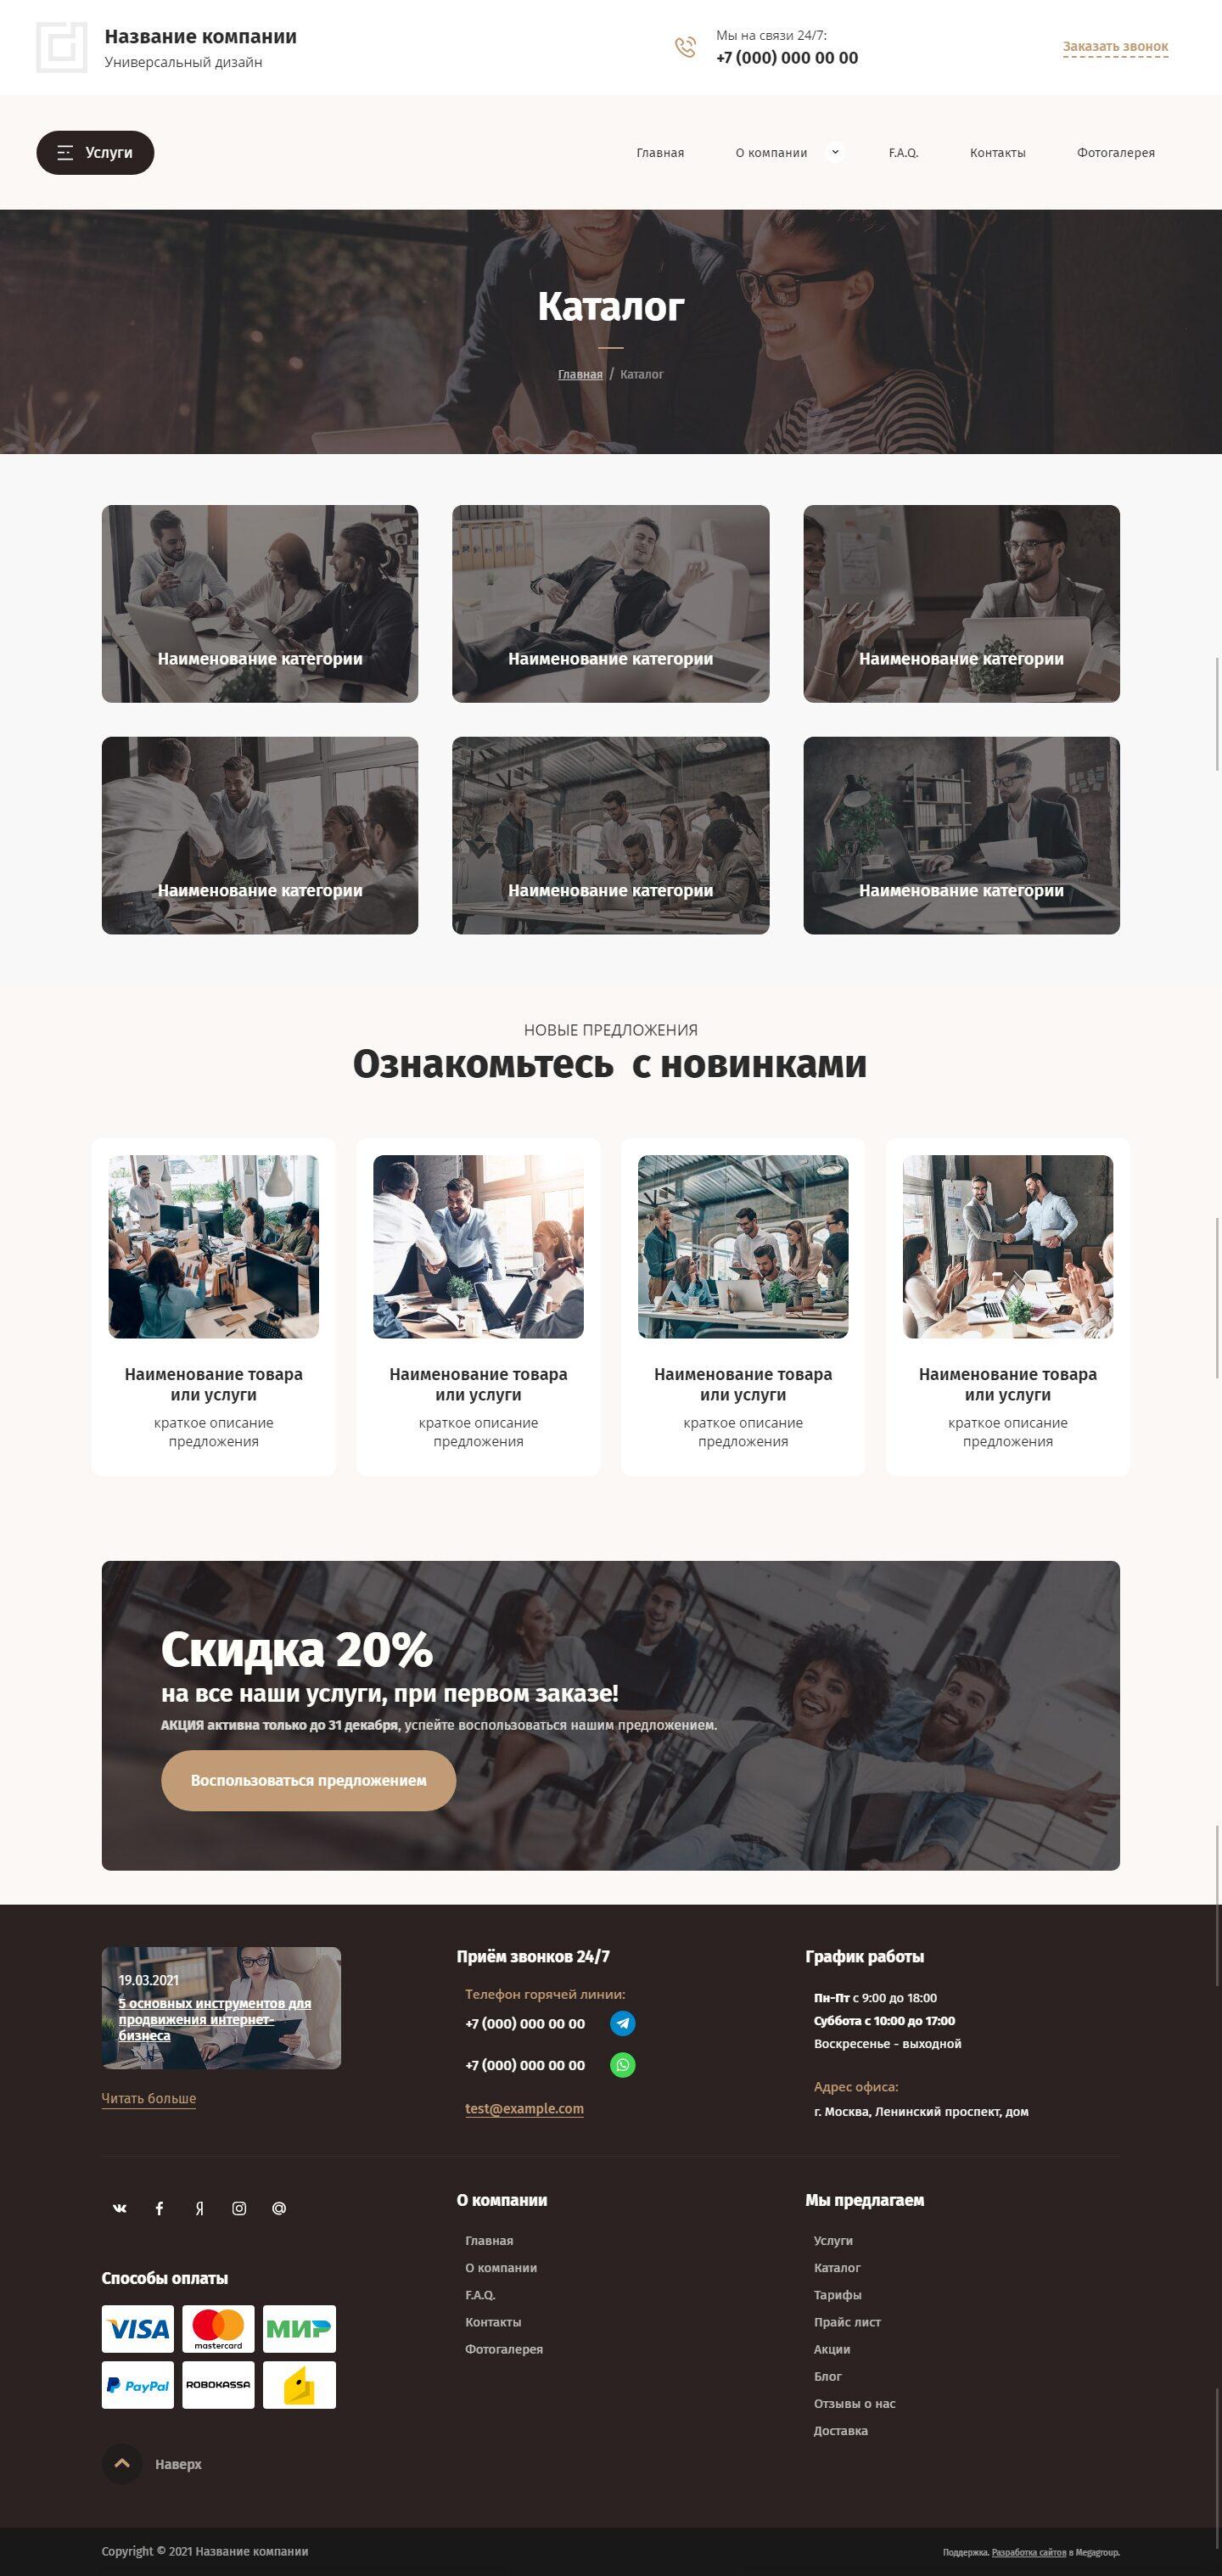 Готовый Сайт-Бизнес #2967758 - Универсальный дизайн (Каталог)